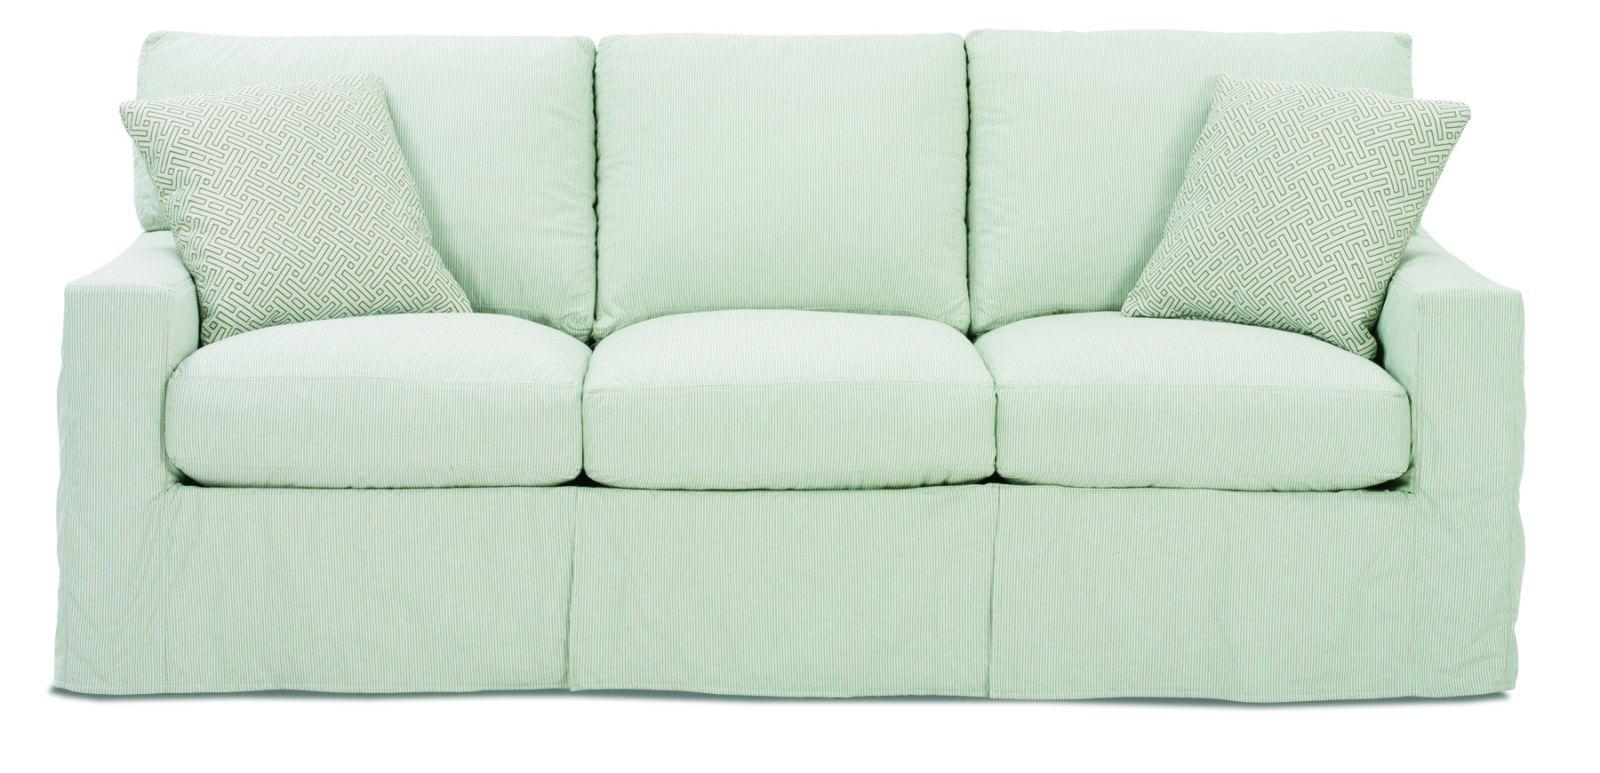 Slip Covered Sofas